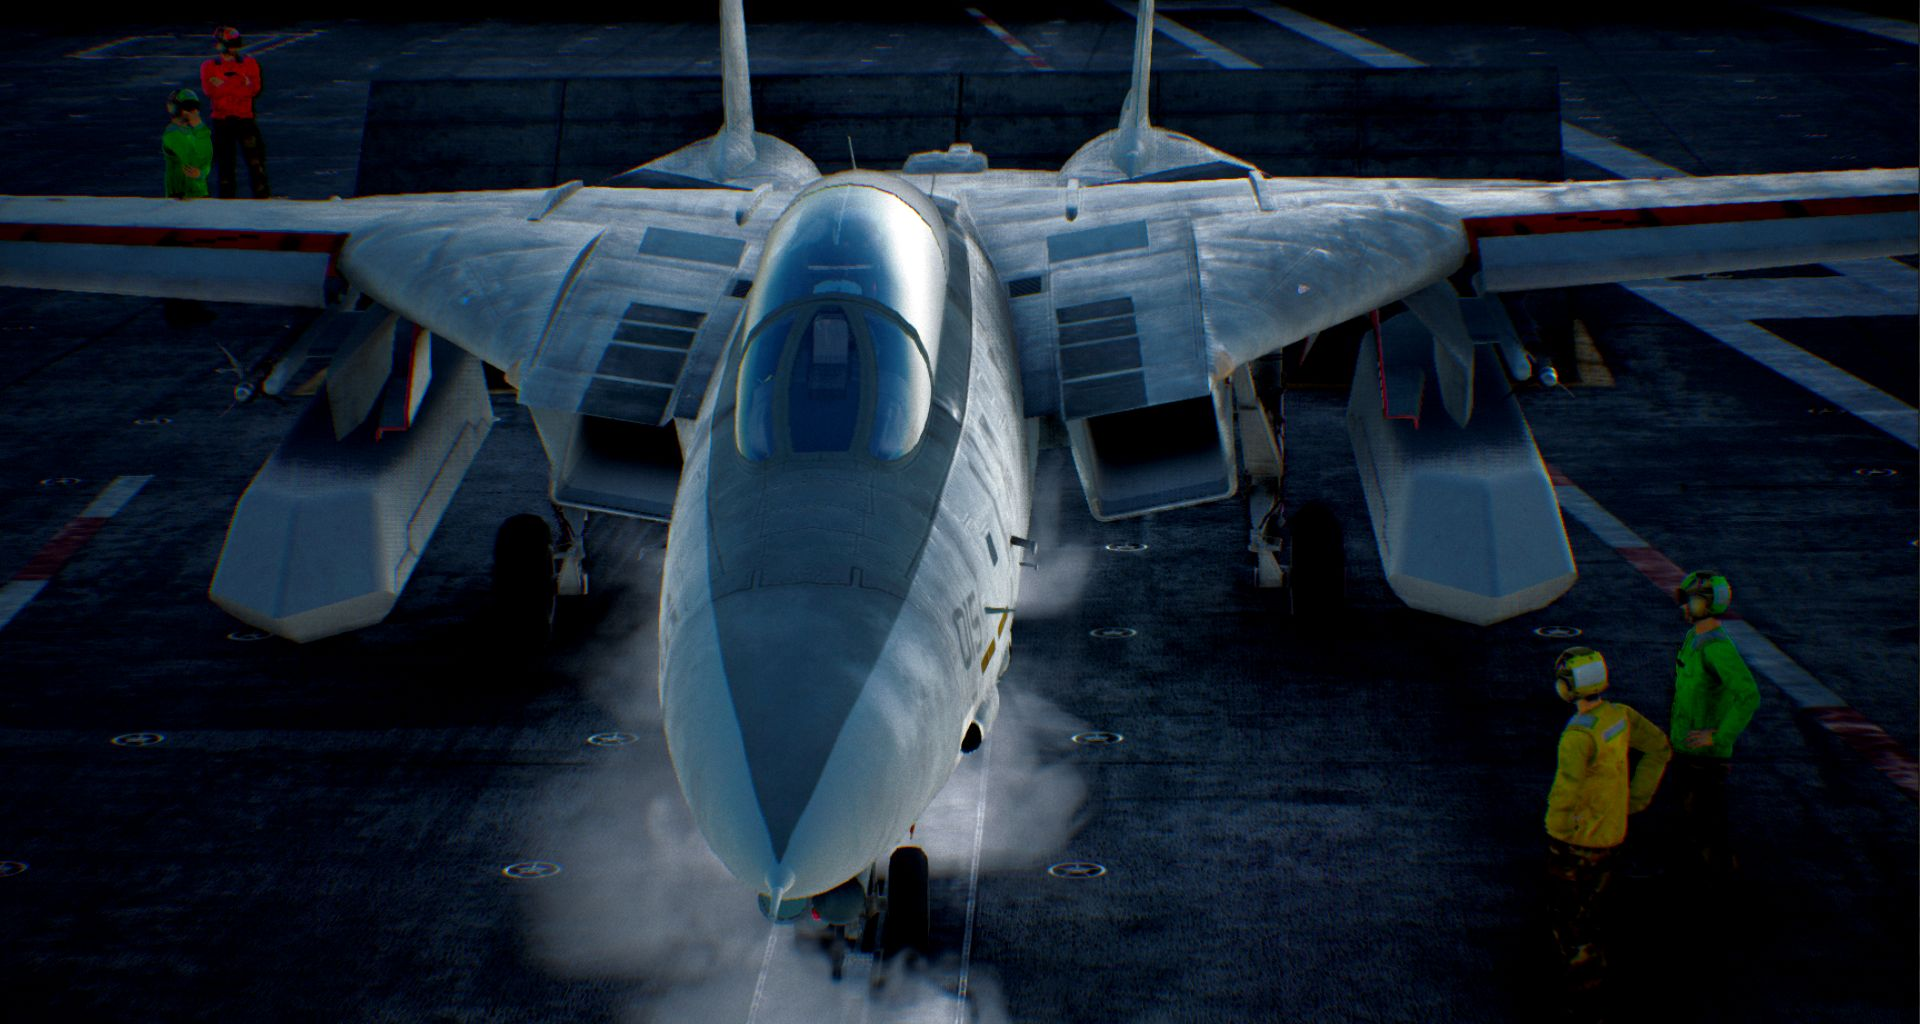 تریلر جدیدی از Ace Combat 7: Skies Unknown  منتشر شد